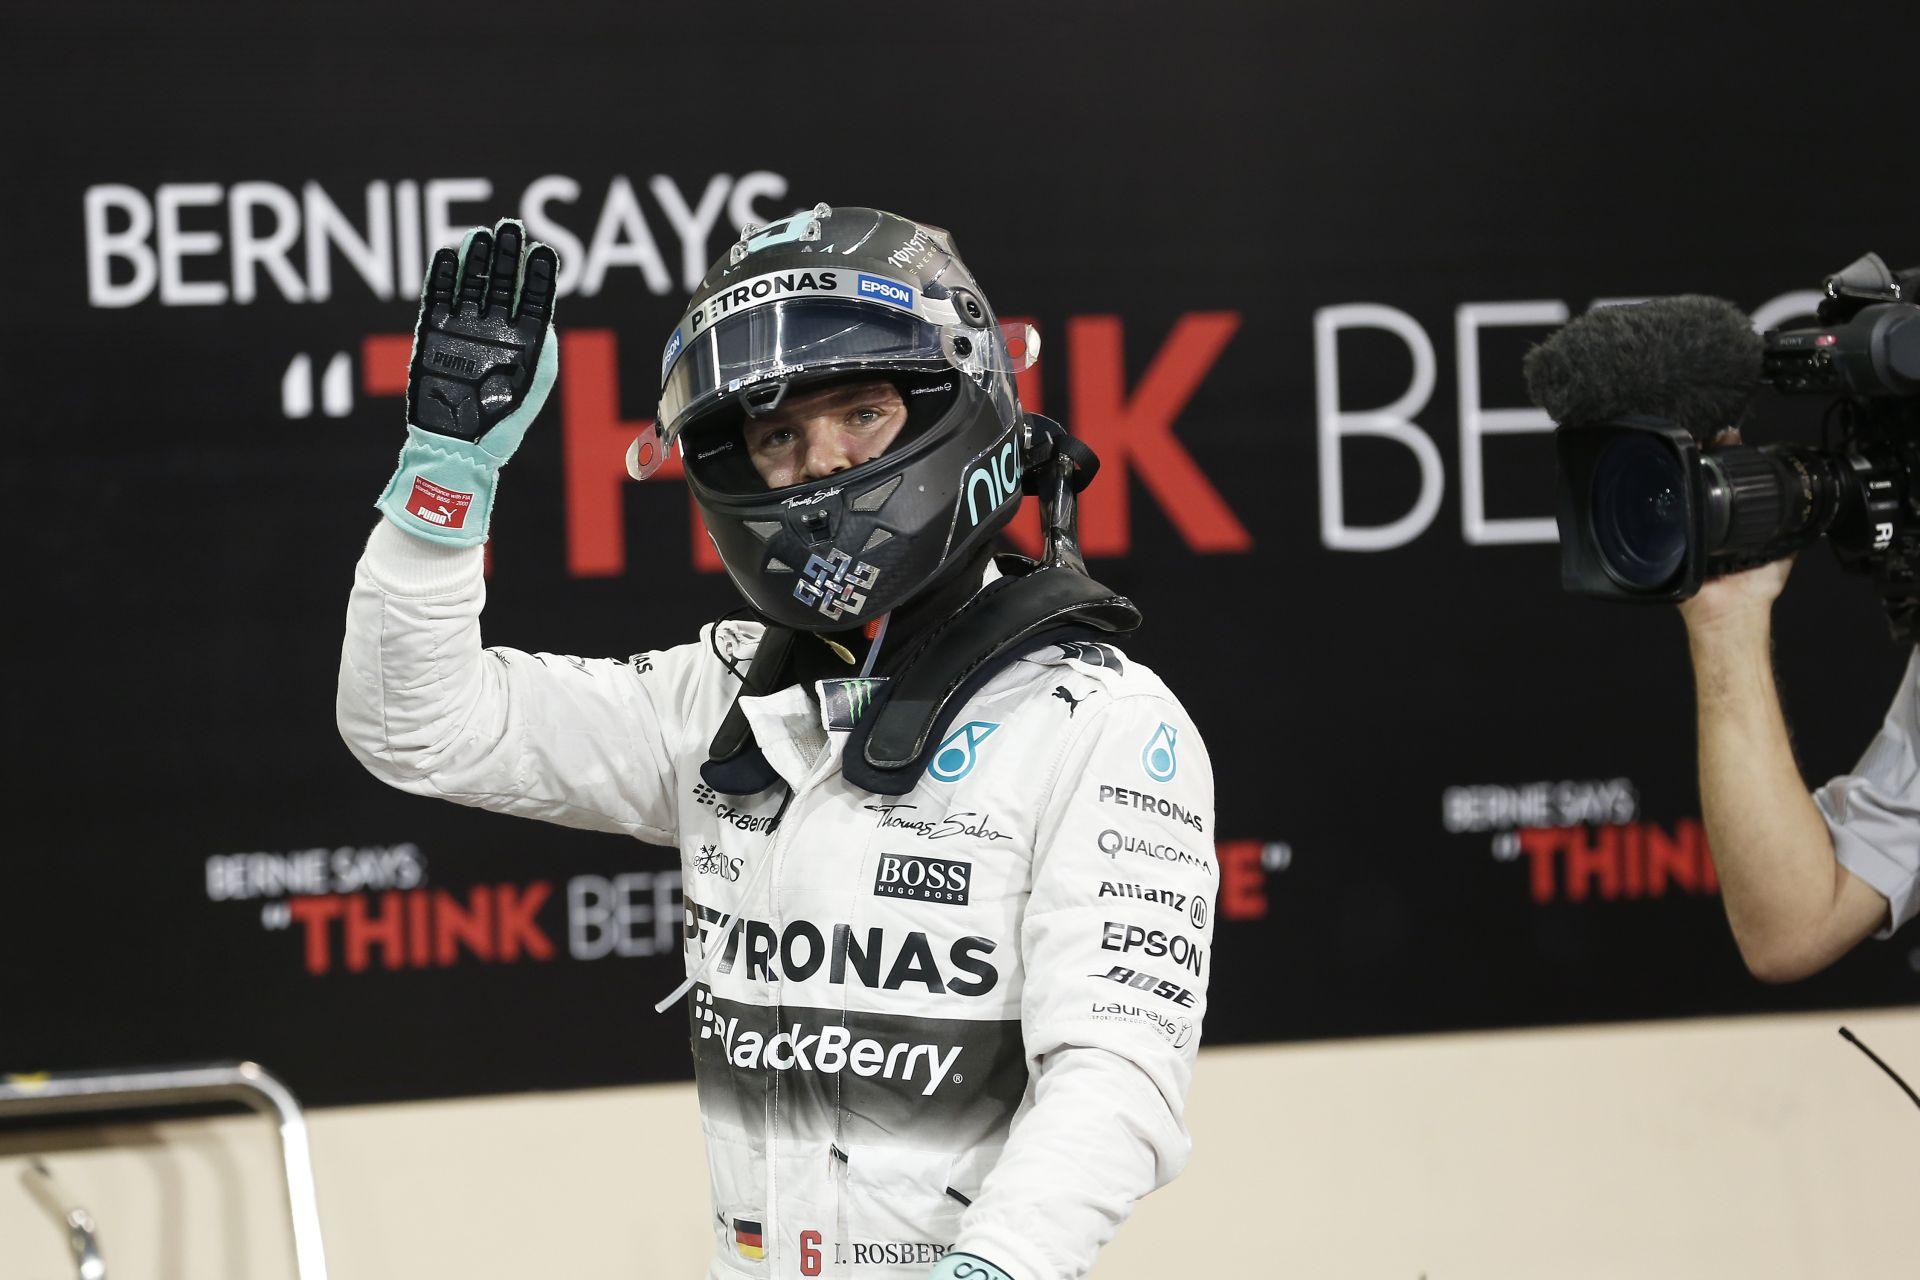 Rosberg nyerte az idei utolsó F1-es versenyt Abu Dhabiban Hamilton és Raikkönen előtt: Vettel-parádé a negyedik helyen!